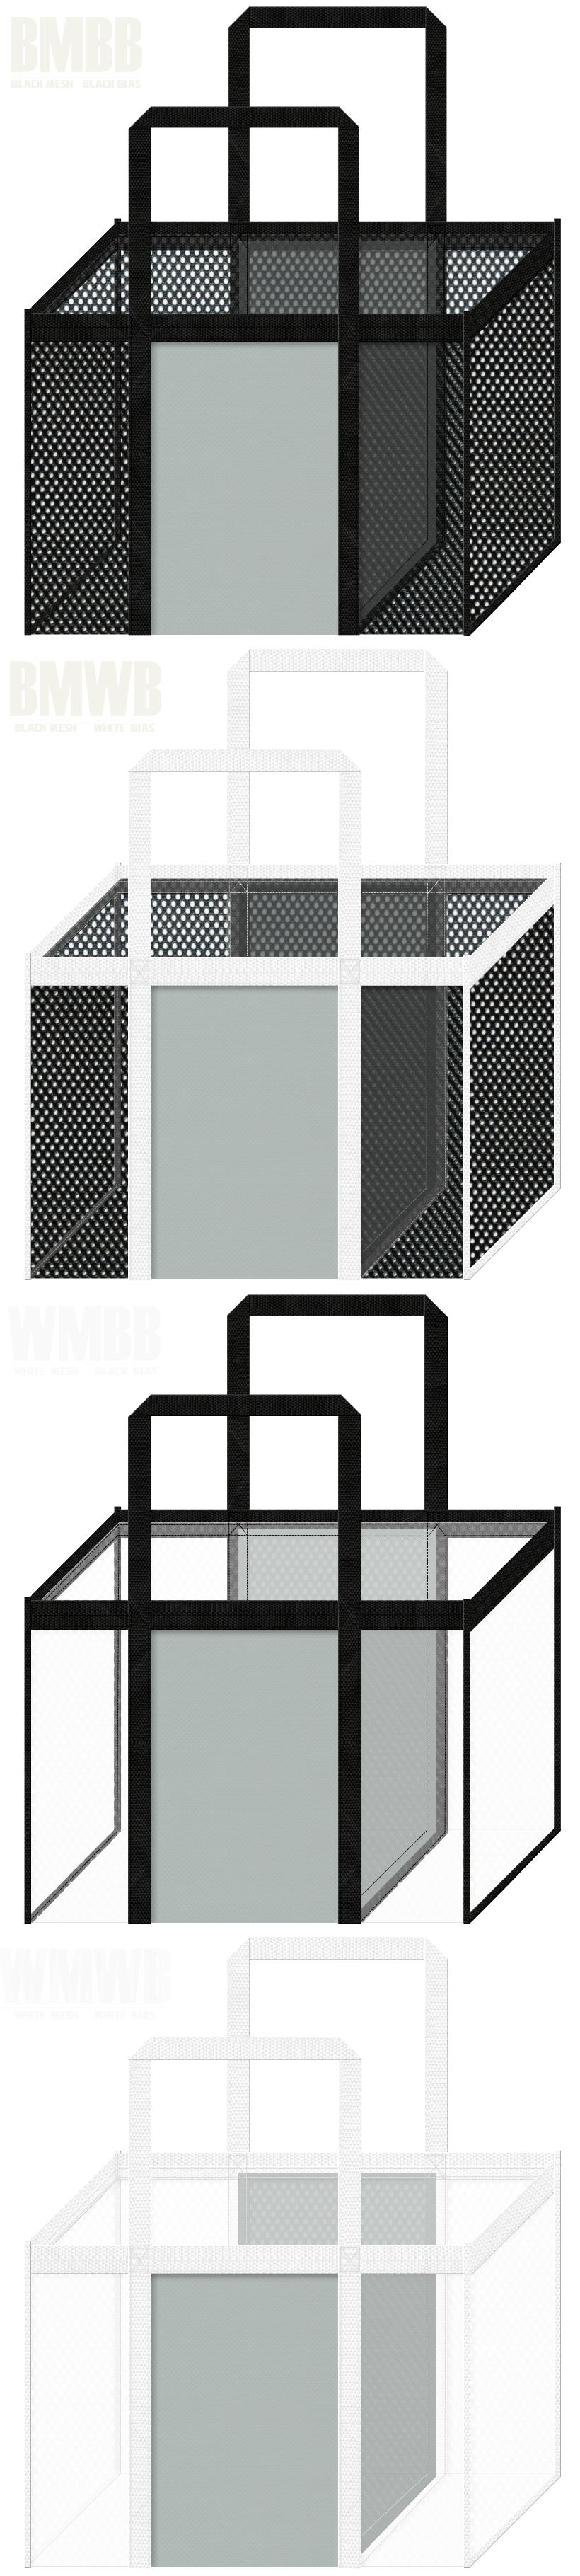 角型メッシュバッグのカラーシミュレーション:黒色・白色メッシュとグレー色不織布の組み合わせ